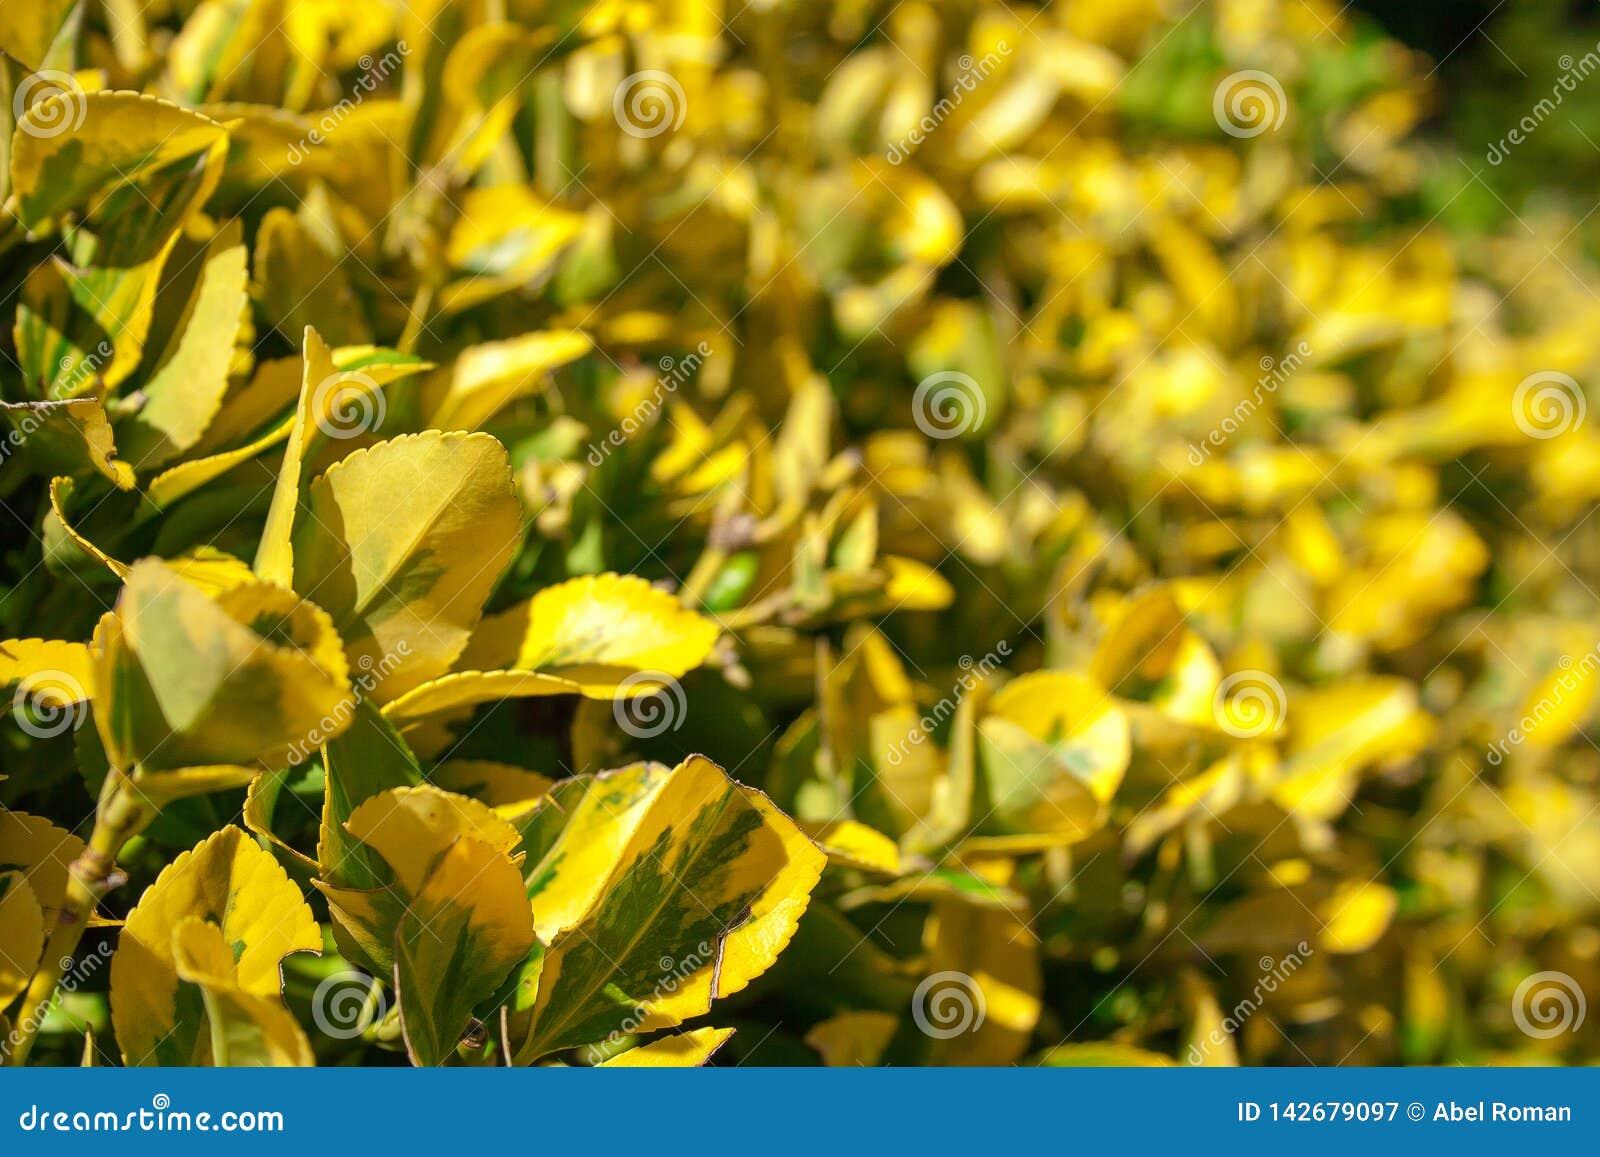 Algún arbusto se va amarillo y verde